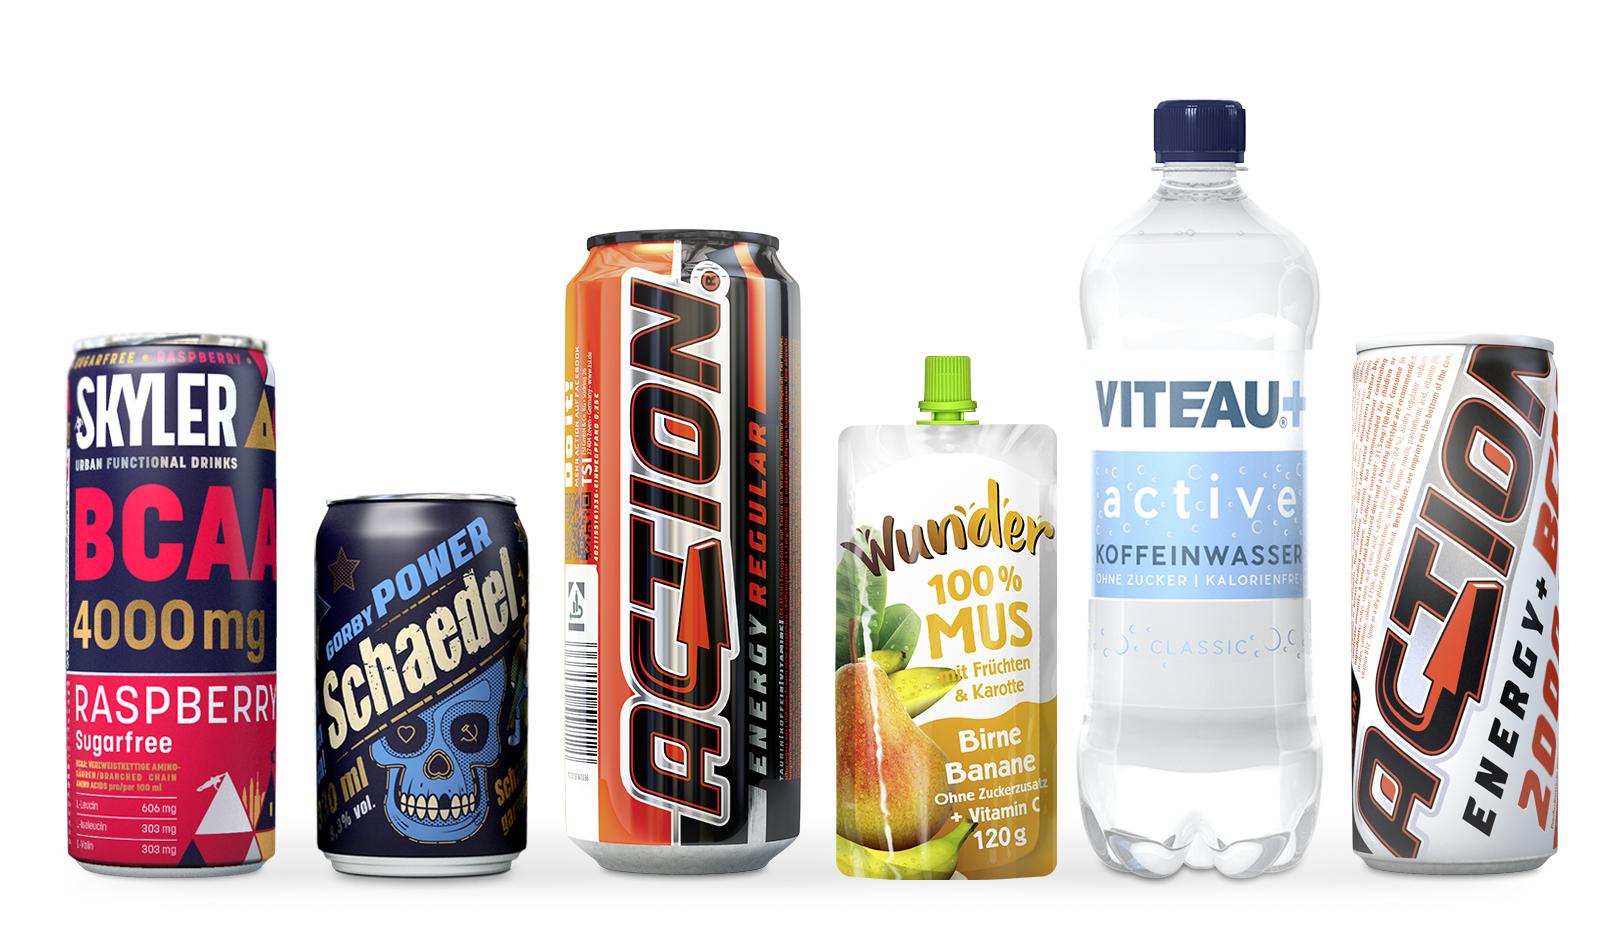 https://www.tsi.de/app/uploads/2020/10/TSI_Beverages.jpg